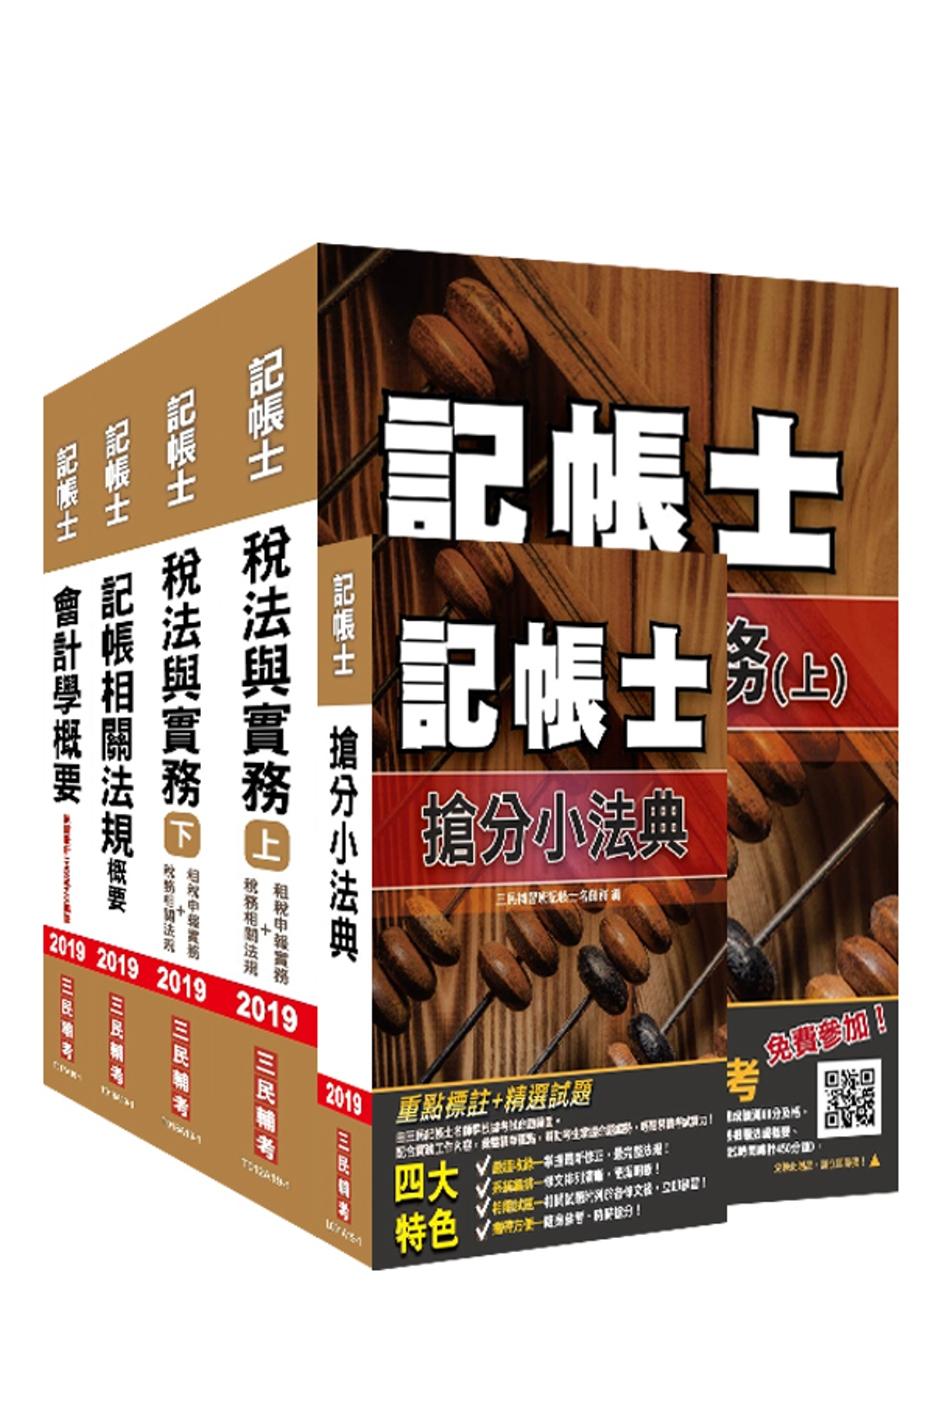 2019年記帳士[專業科目]套書(贈記帳士搶分小法典)